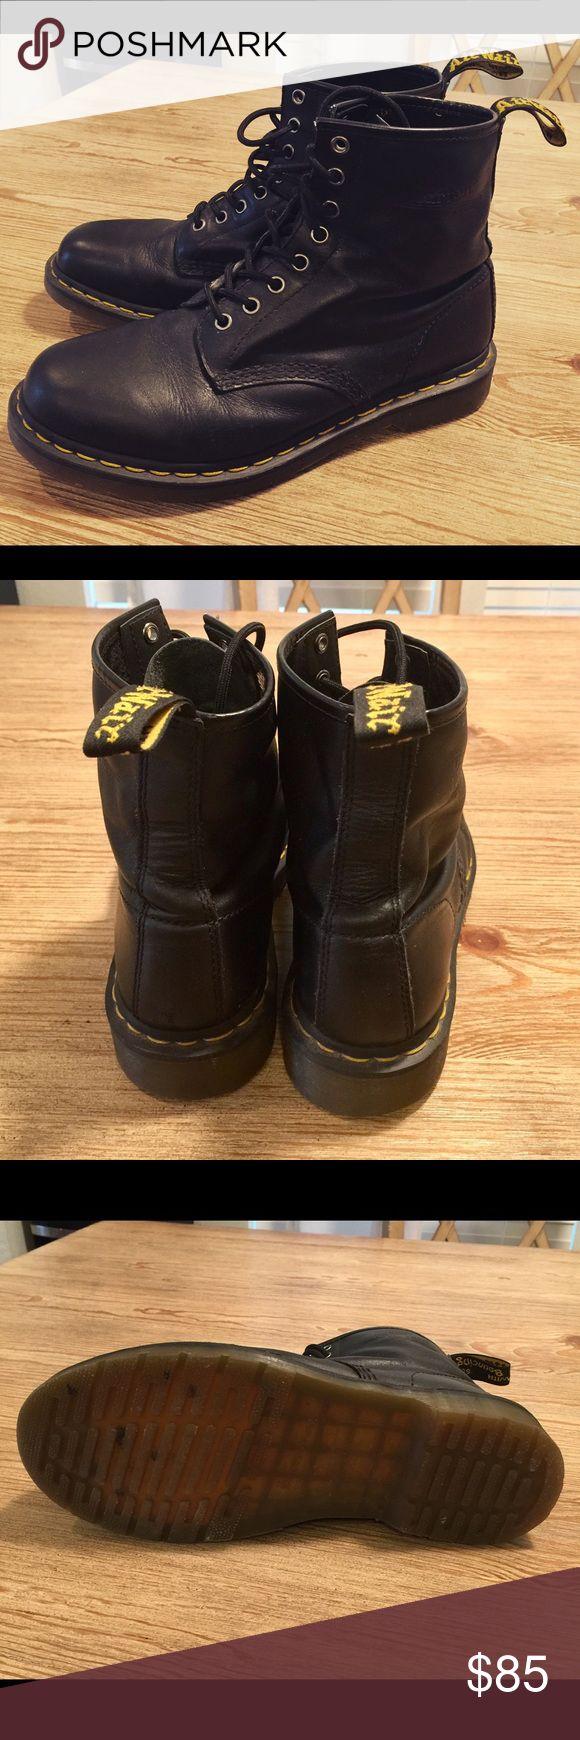 Dr Martens men boots. Black size 9. Dr martens men's boots. Black size 9. Nice condition. Dr. Martens Shoes Boots